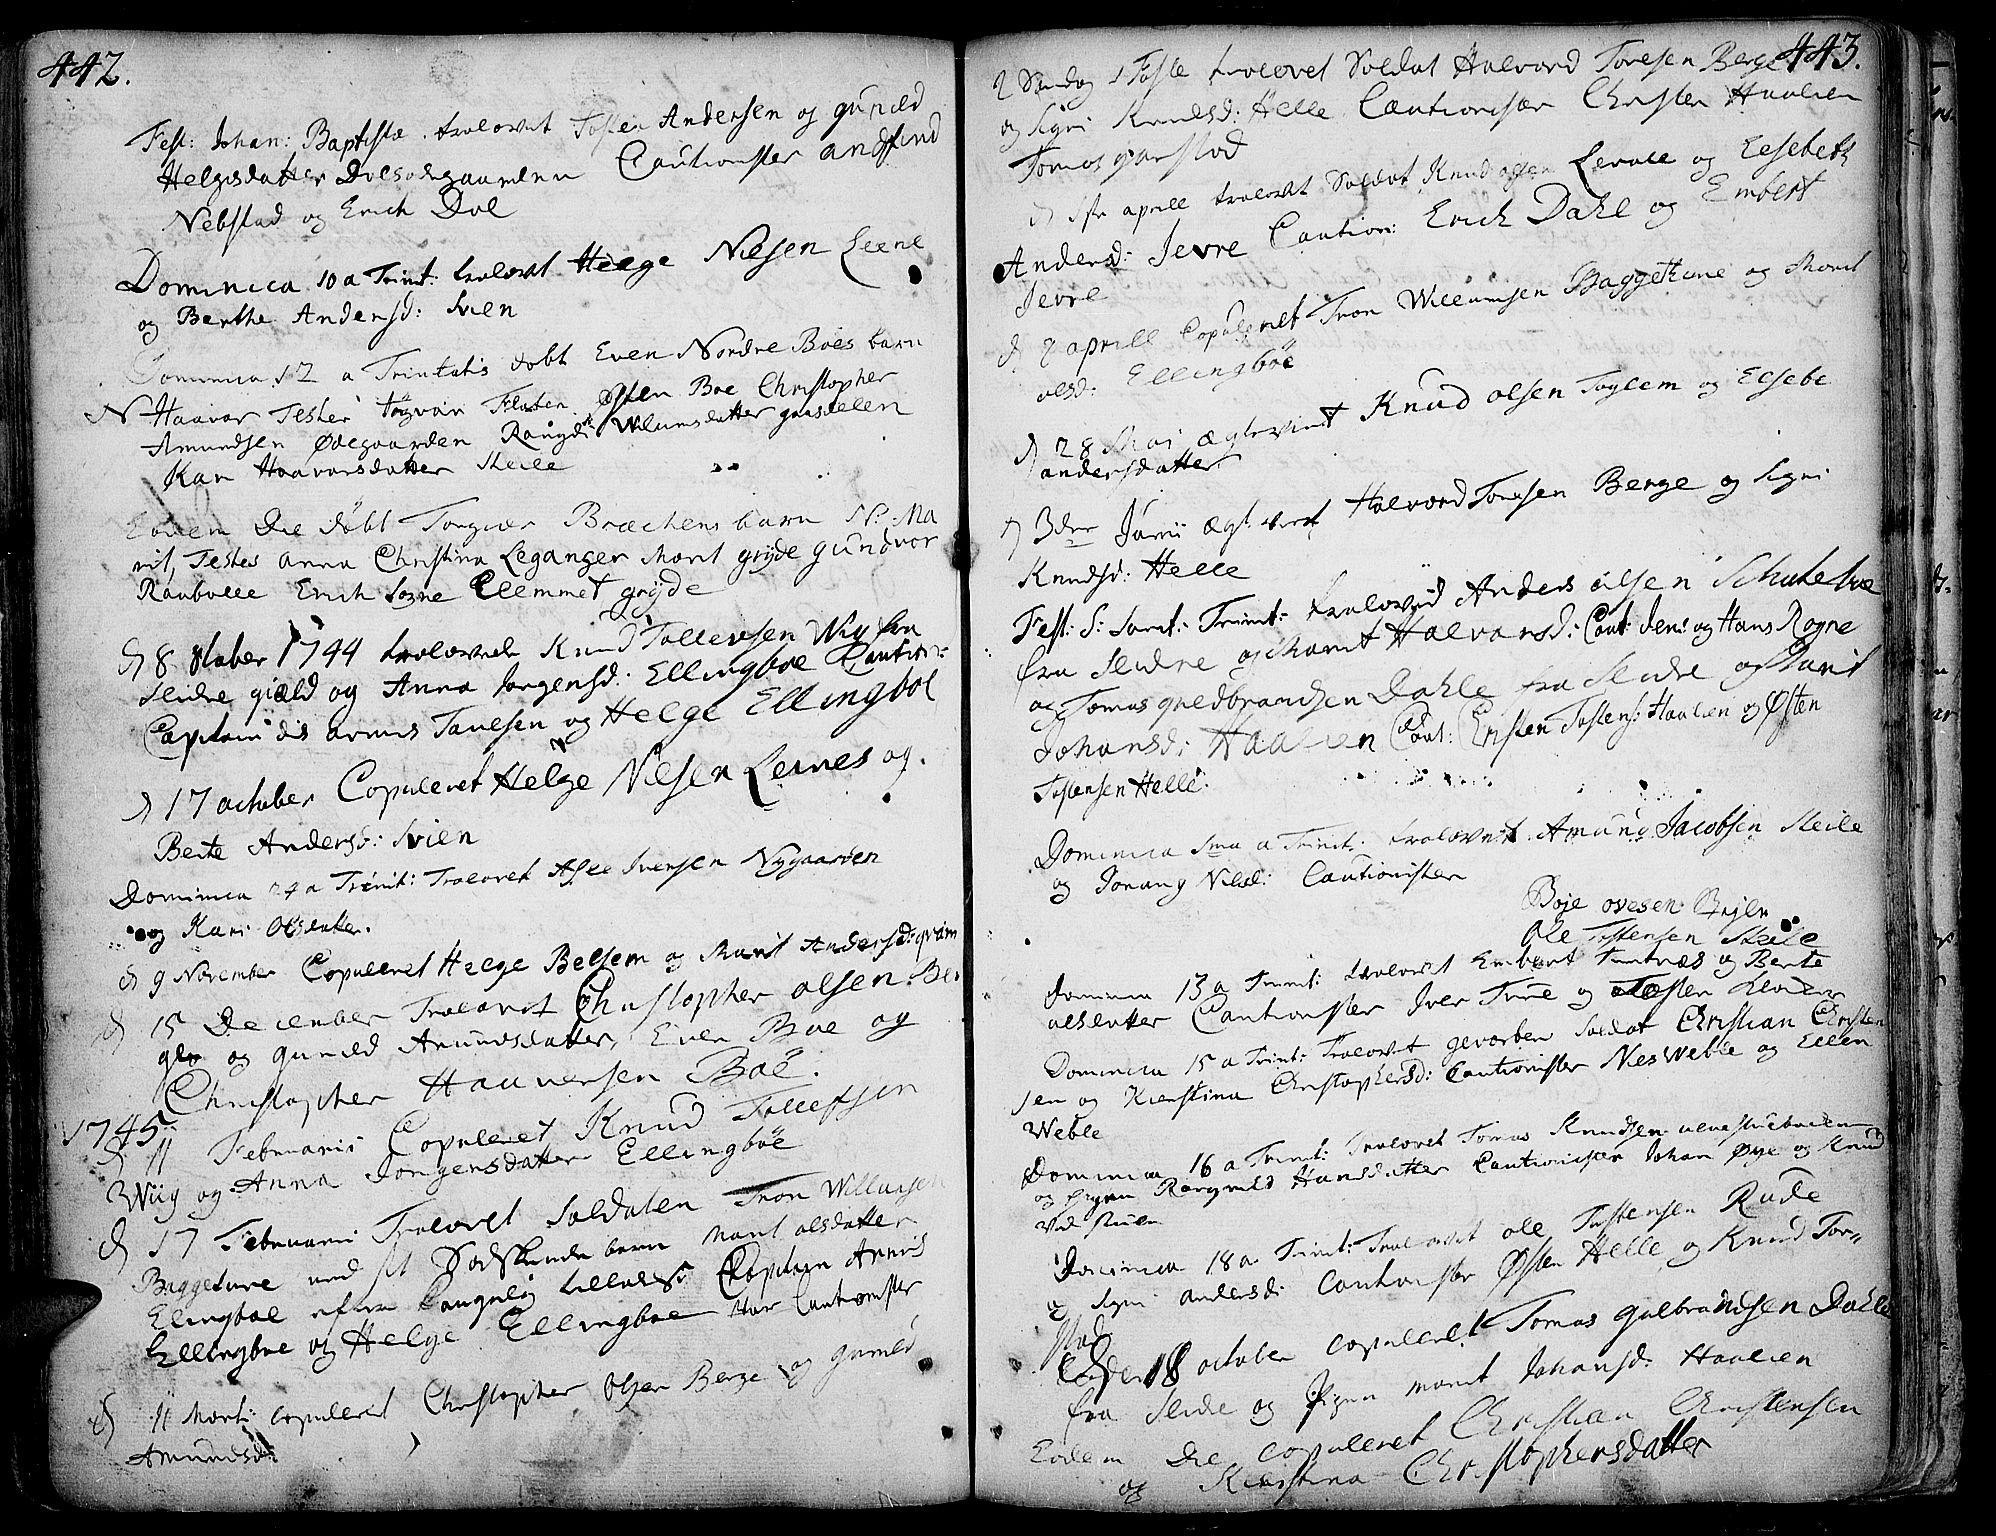 SAH, Vang prestekontor, Valdres, Ministerialbok nr. 1, 1730-1796, s. 442-443